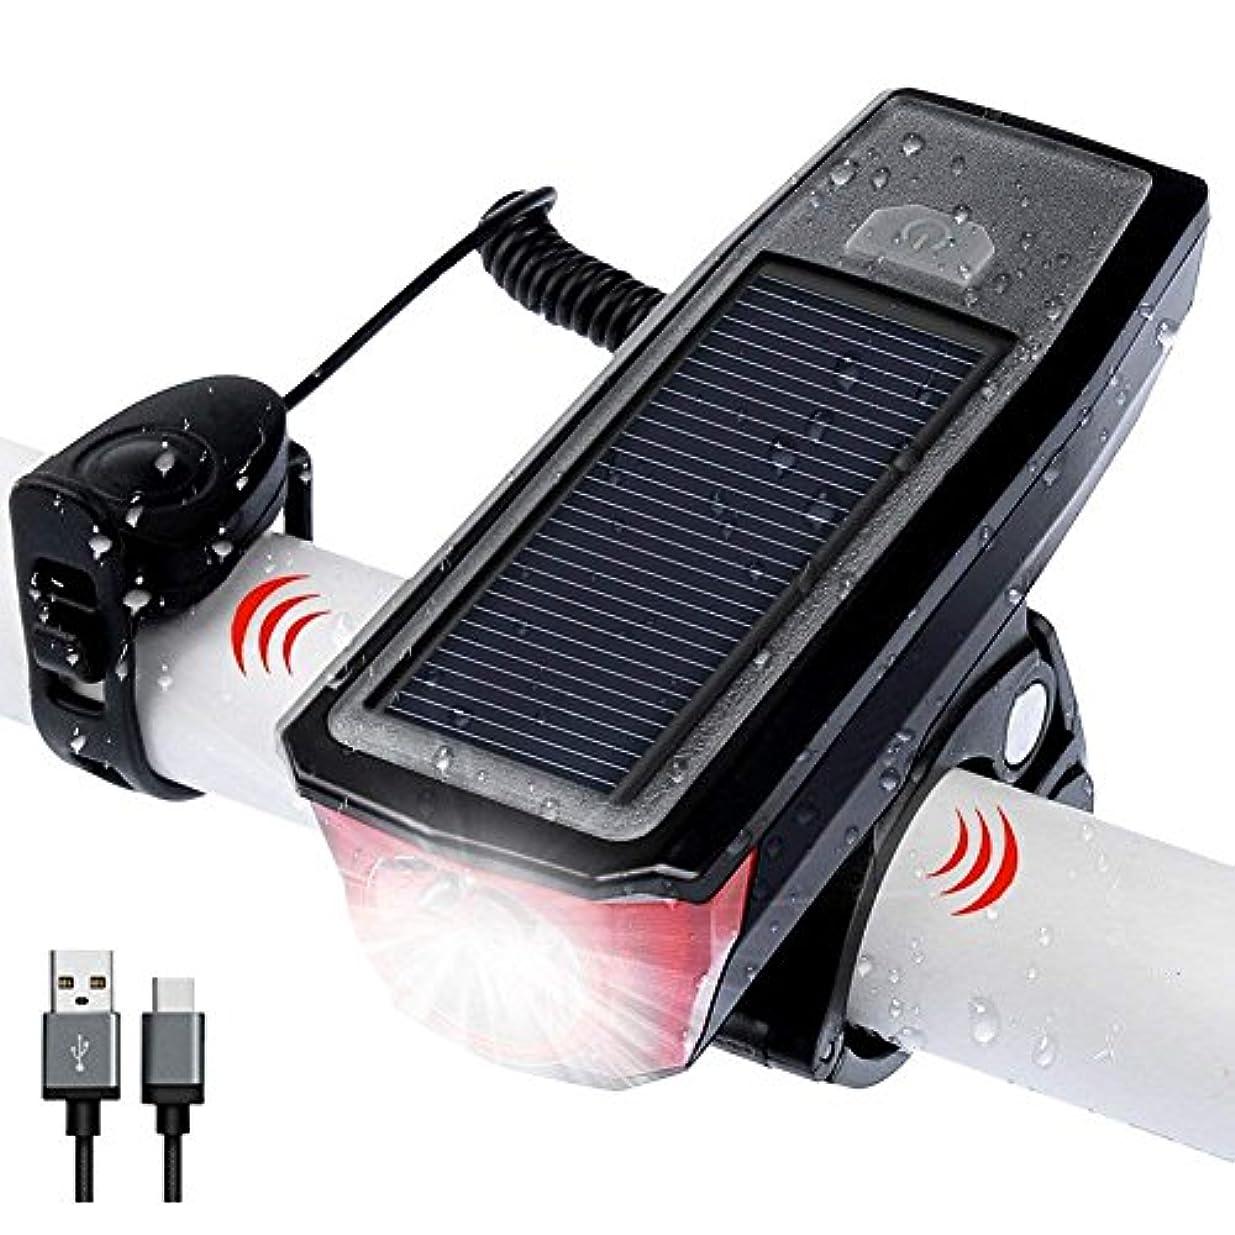 トリムボイコットお父さん自転車ライト LED ヘッドライト 高輝度 ソーラー充電&USB充電式 IPX6 防水 自転車ライト 小型 軽量 LEDライト 自転車用ベル付き